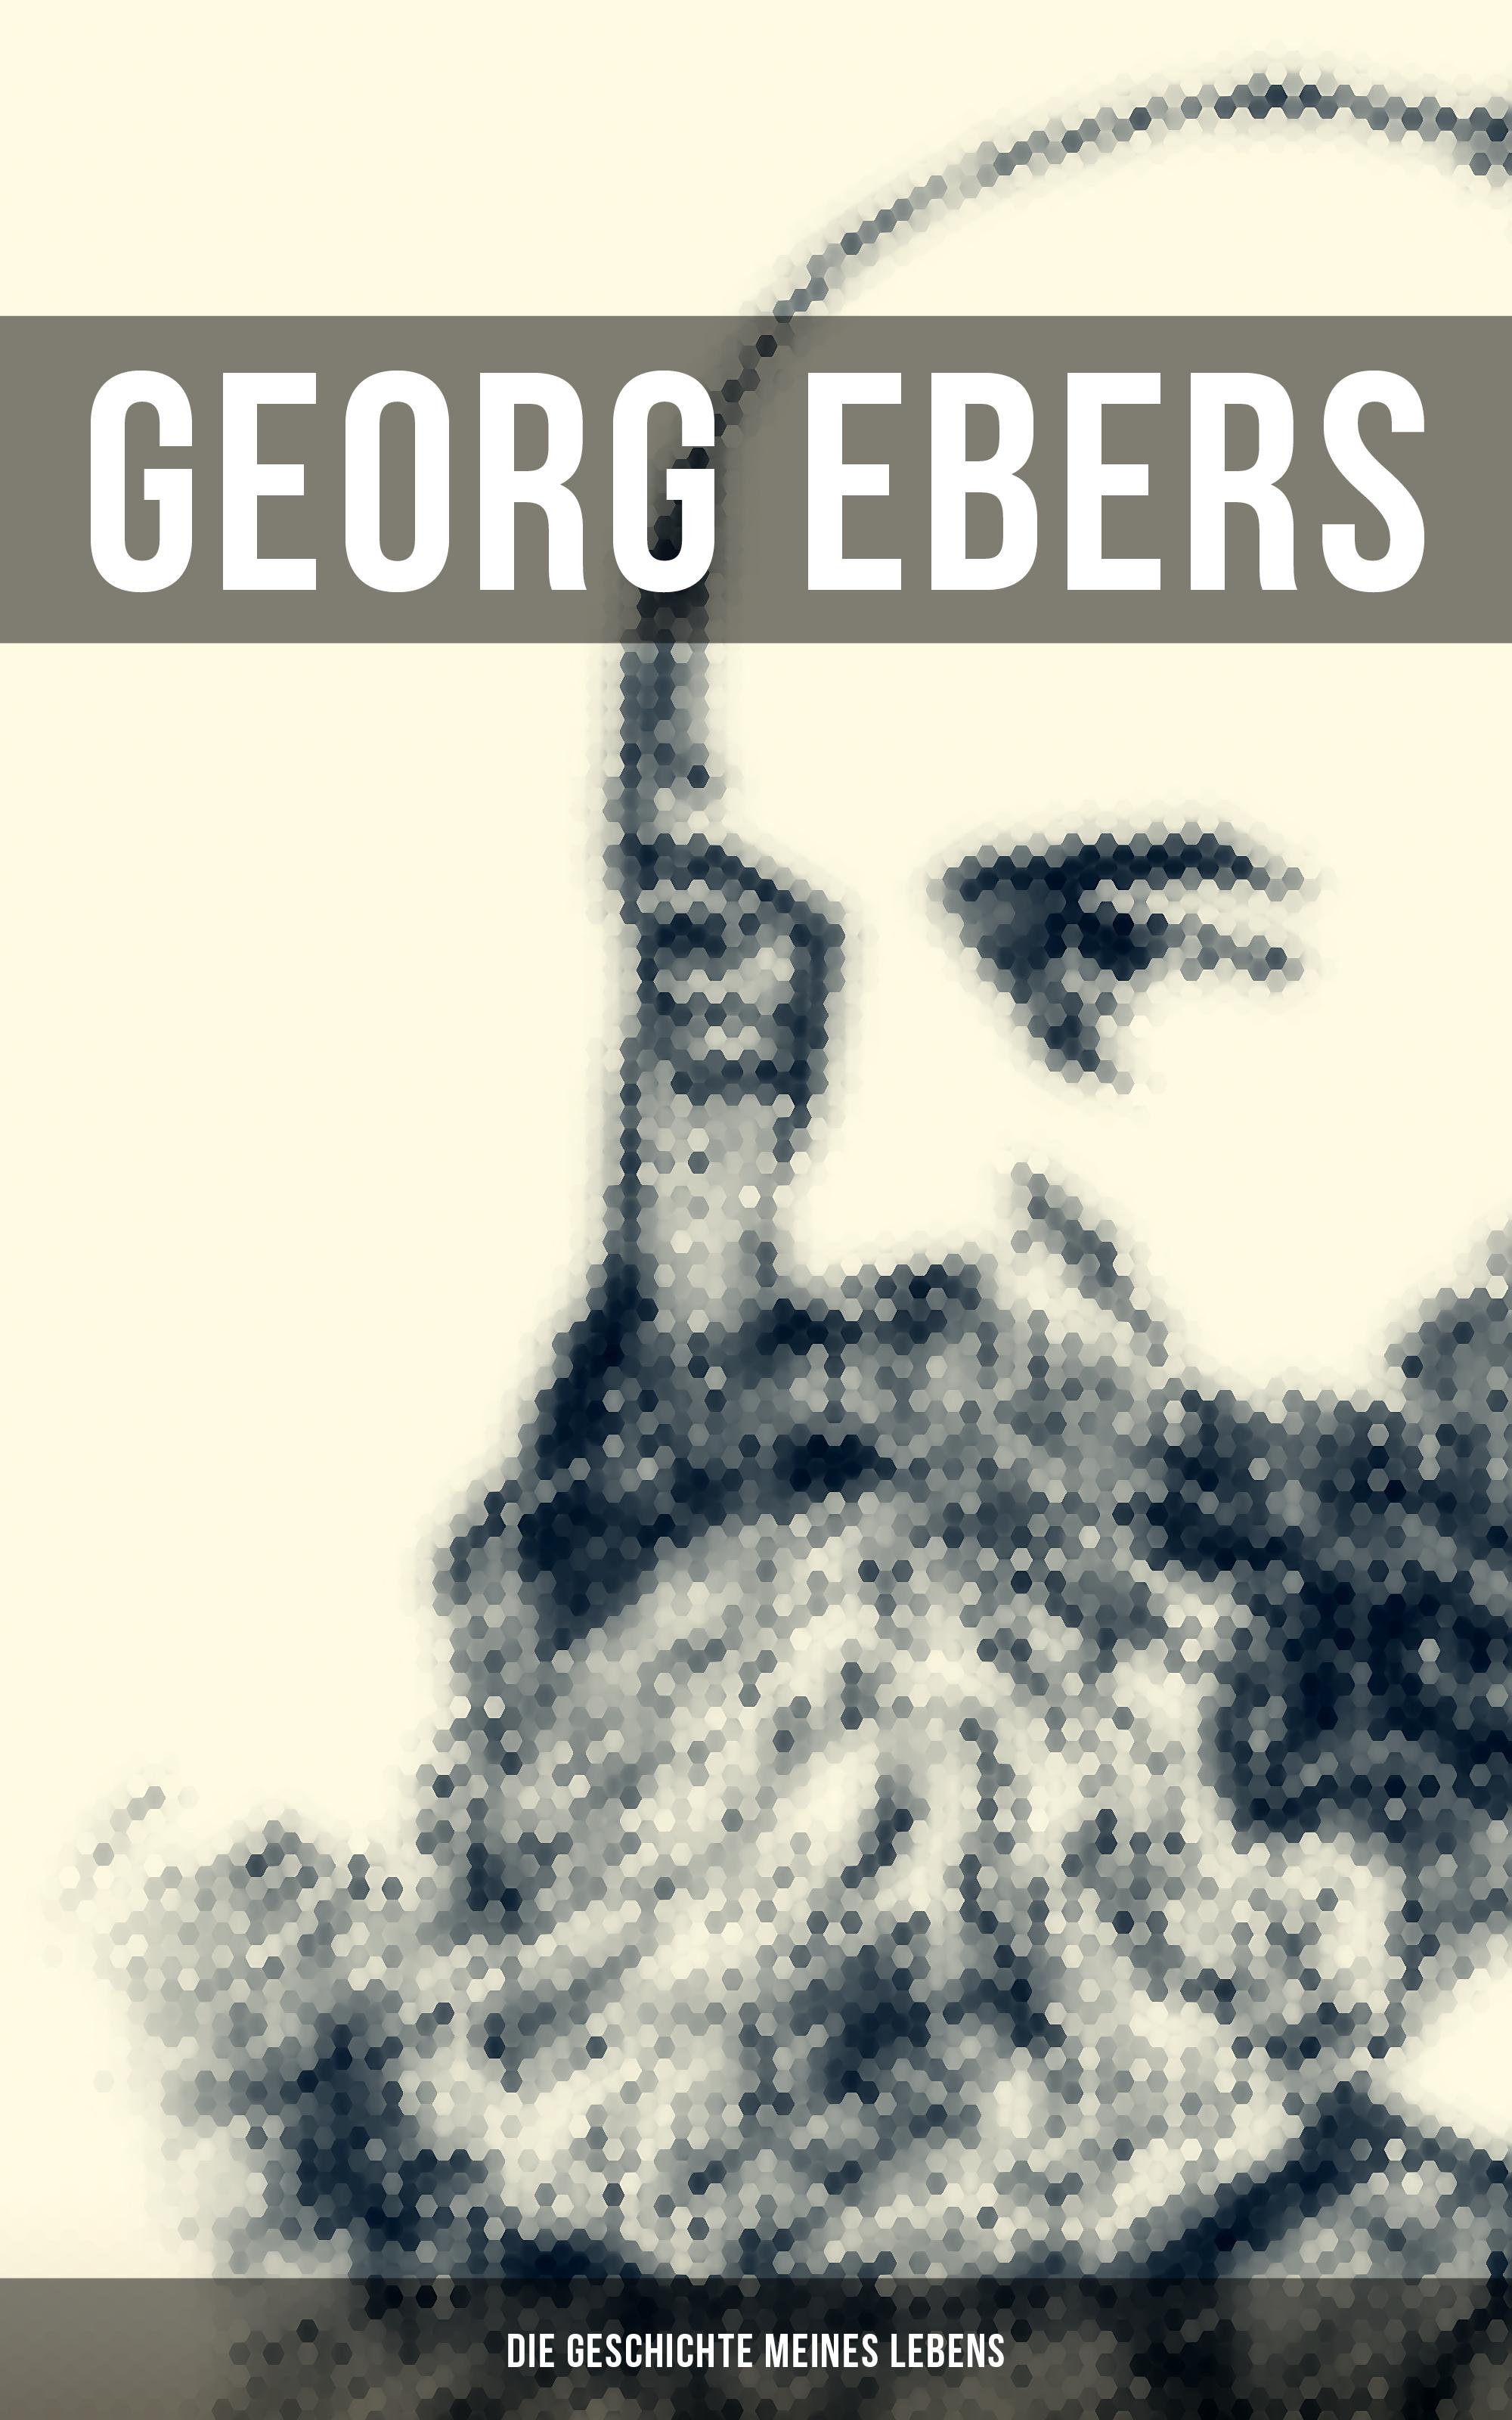 Georg Ebers Georg Ebers: Die Geschichte meines Lebens